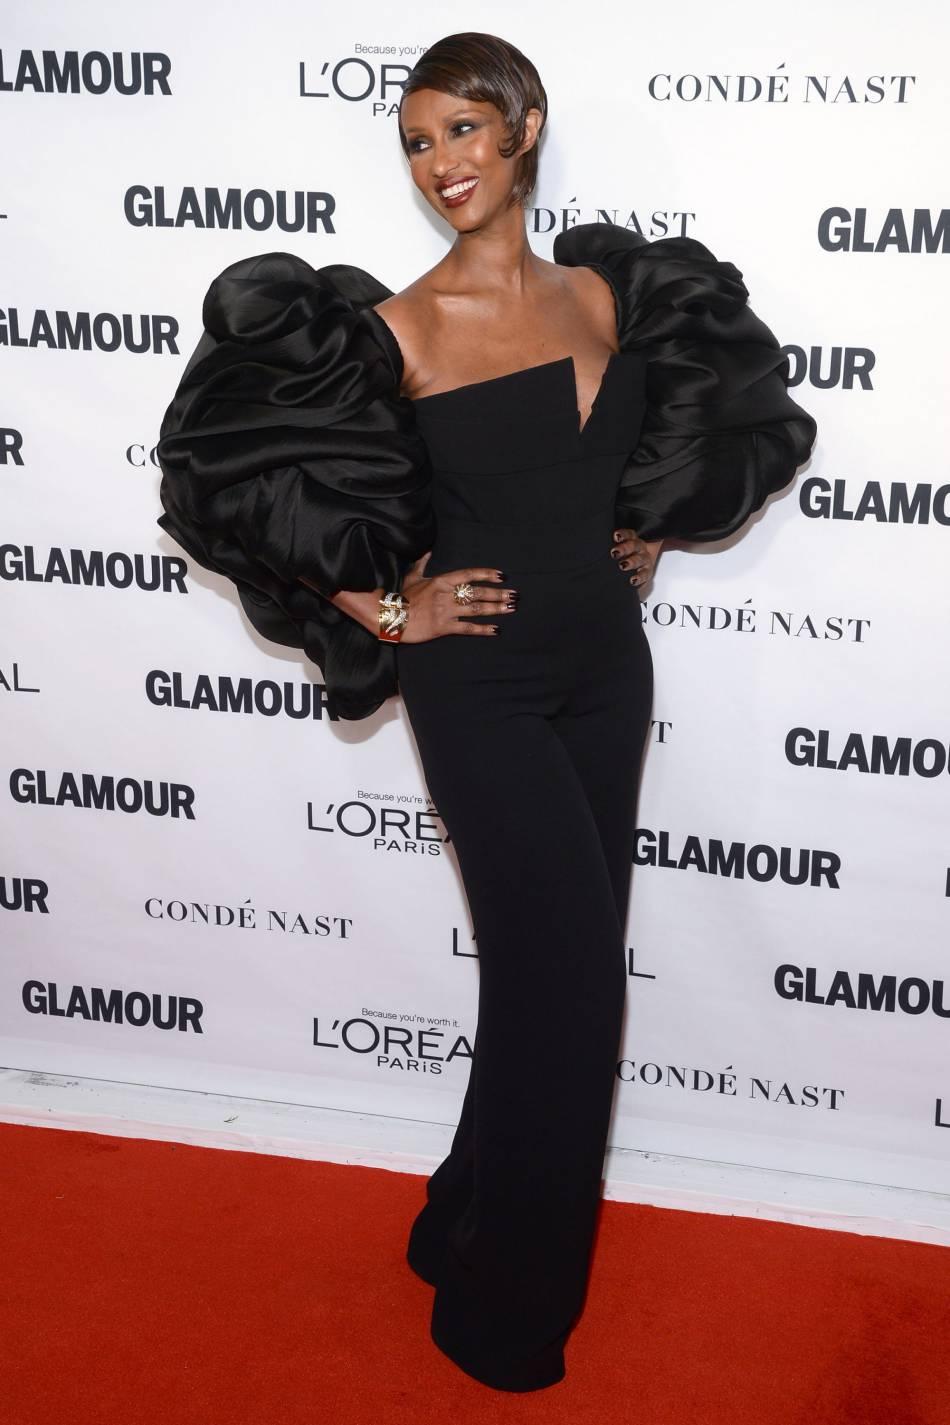 Iman Bowie aux Glamour Awards le 9 novembre 2015 à New York.